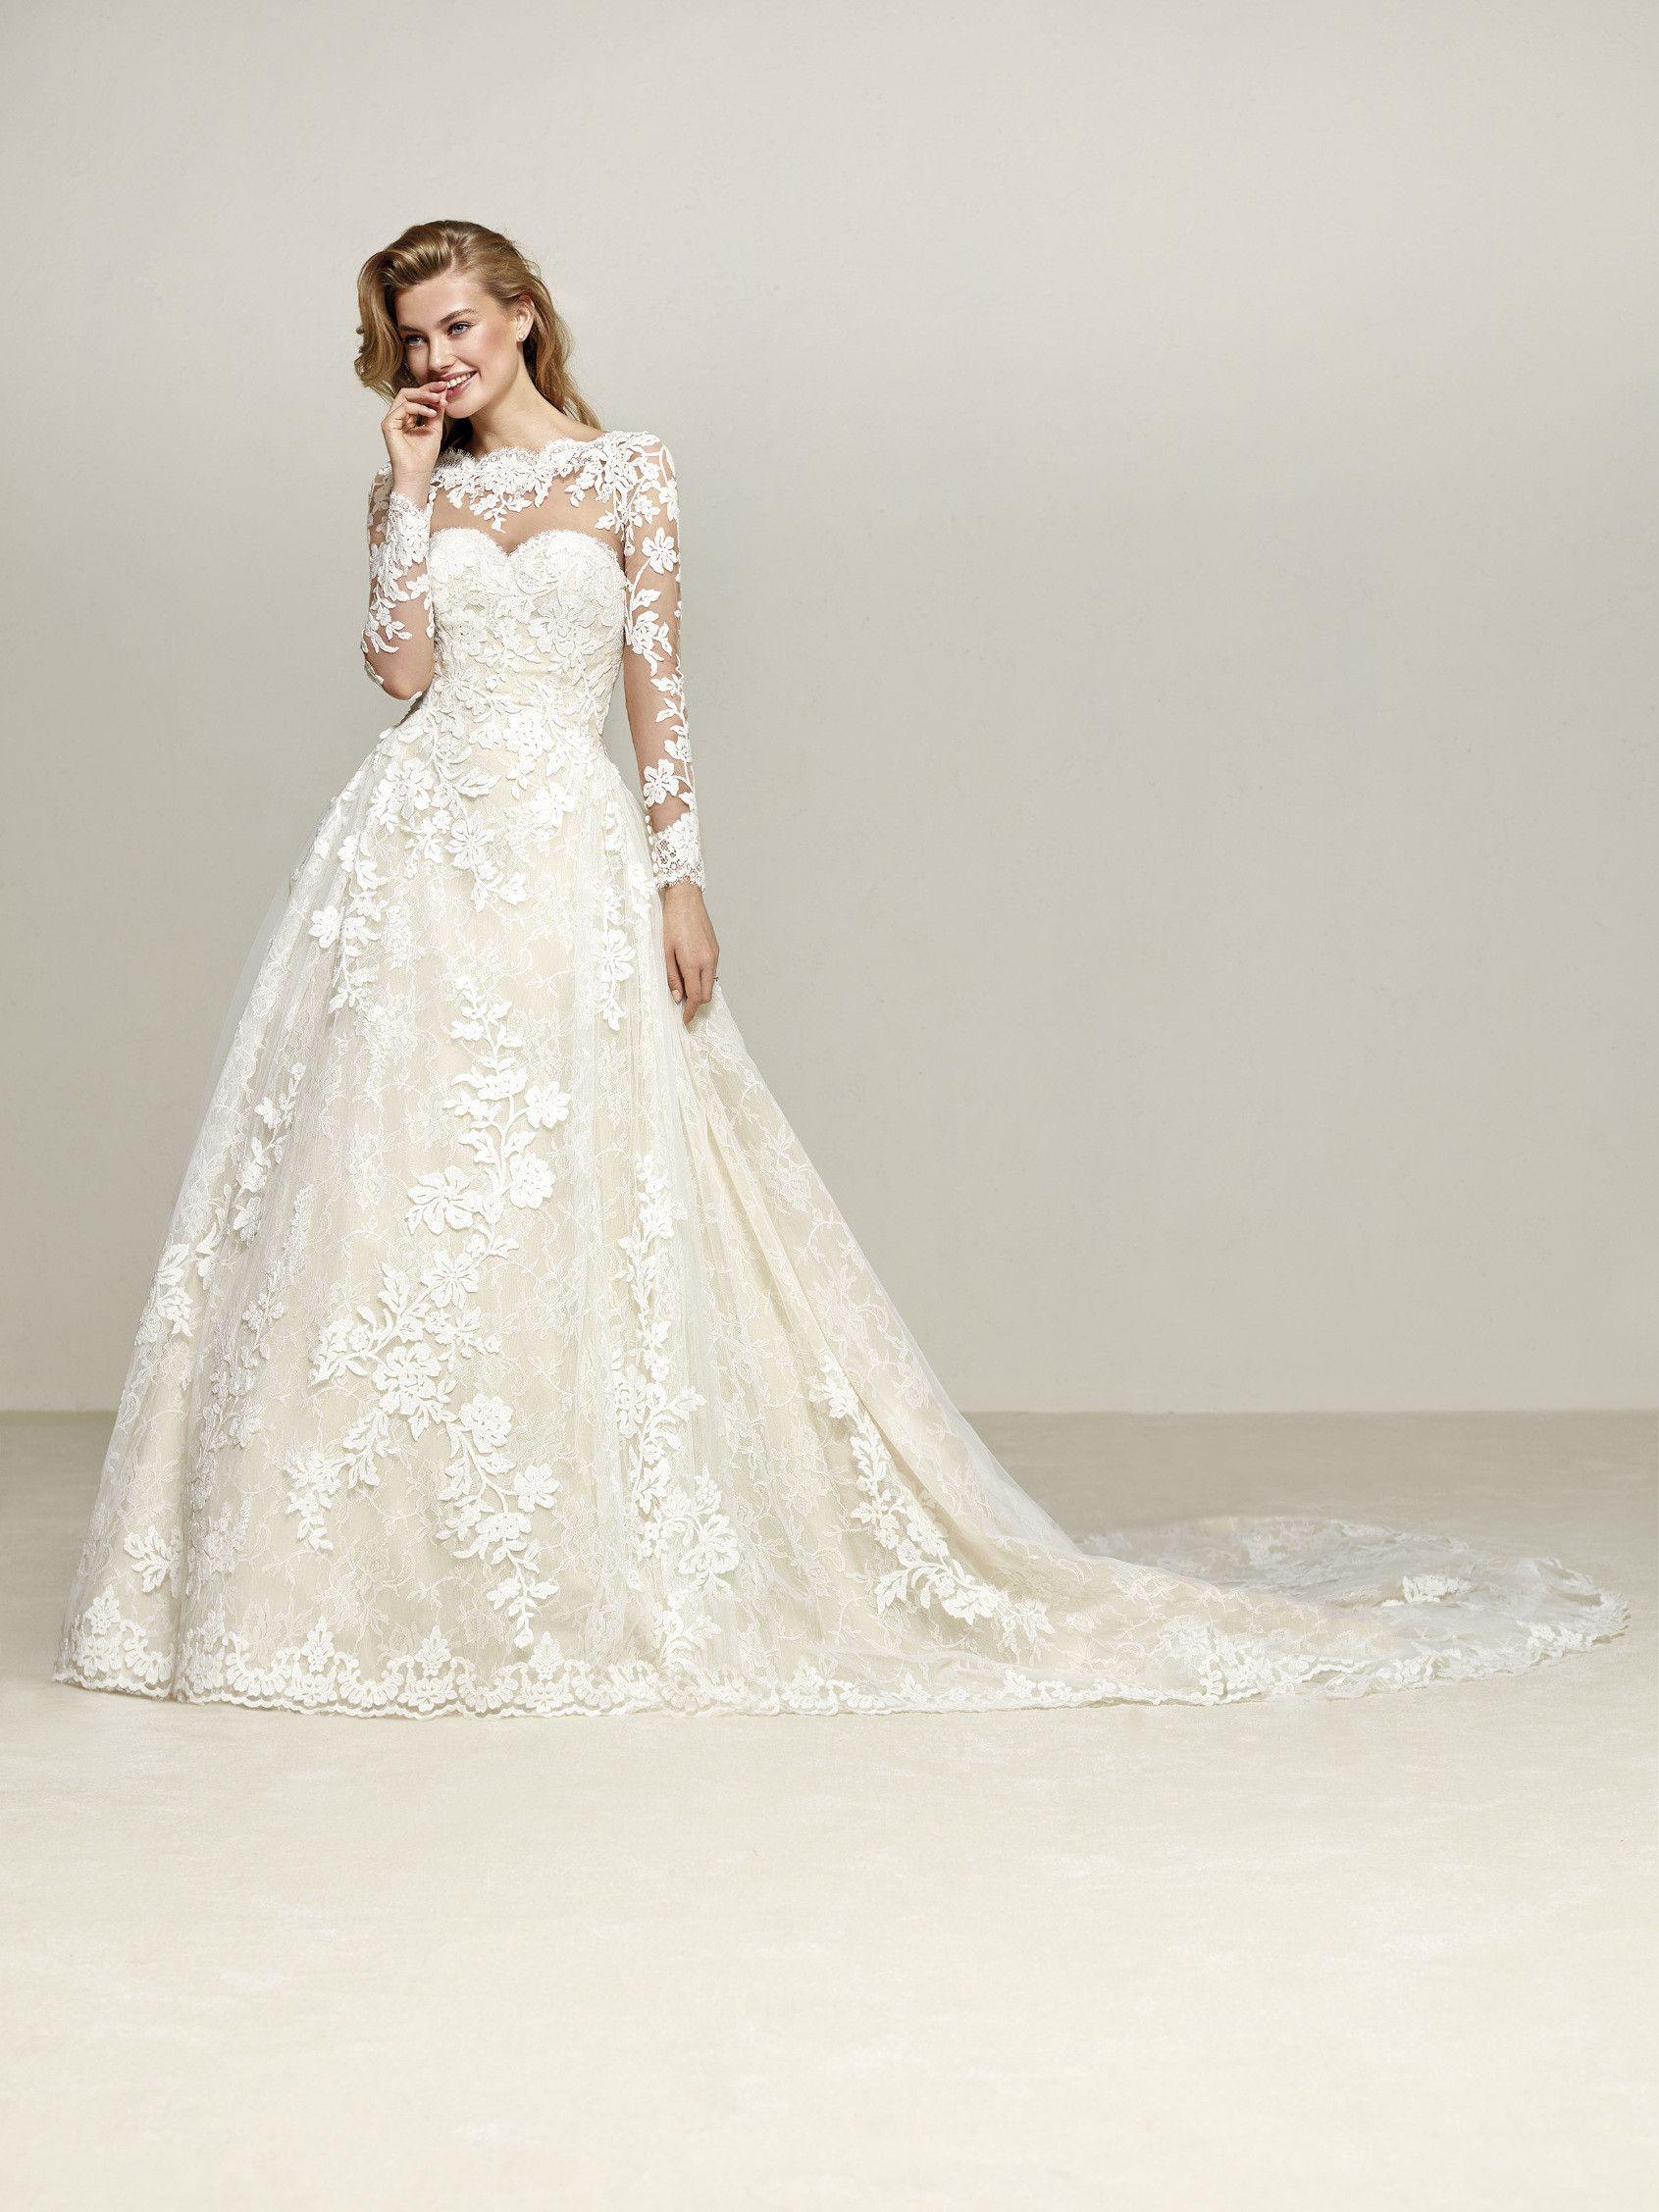 6305b8b5d Drumsa es un vestido de novia mágico de manga larga. Romántico diseño  princesa en acajes y bordados. Gran falda princesa con cola. Pronovias